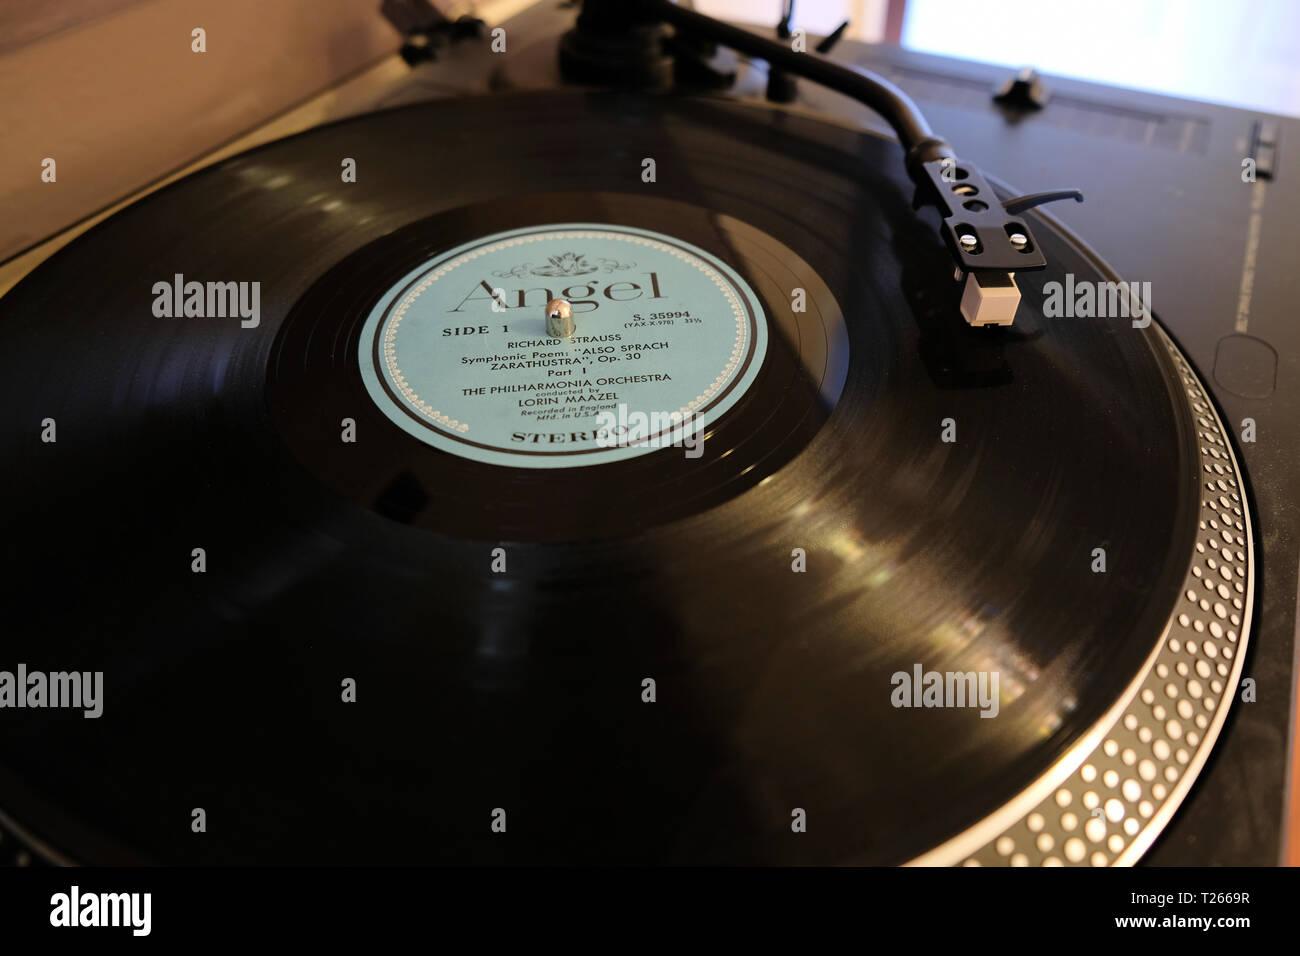 Richard Strauss: También Sprach Zaratustra; Lorin Maazel, director de orquesta; Philharmonia Orchestra; Angel Registros; 12' 33 rpm, LP; 1963 release. Foto de stock